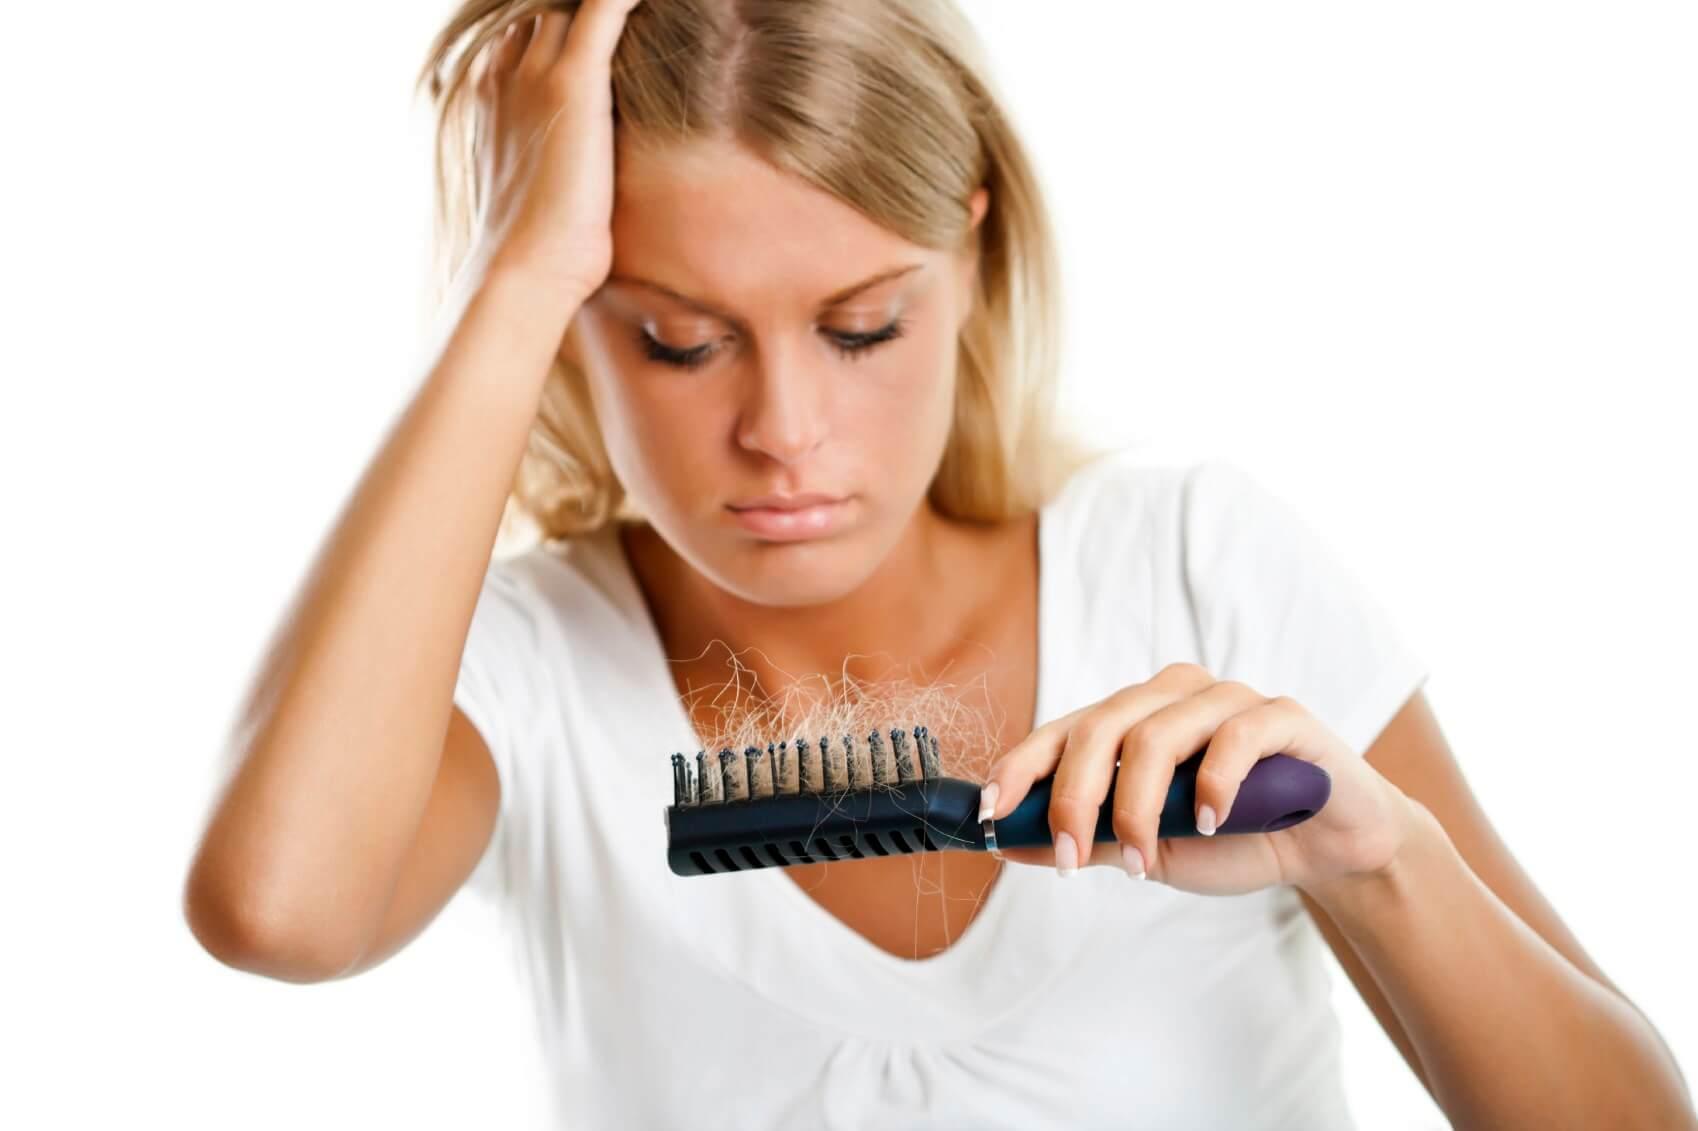 Активное выпадение волос происходит в результате дисбаланса гормонов